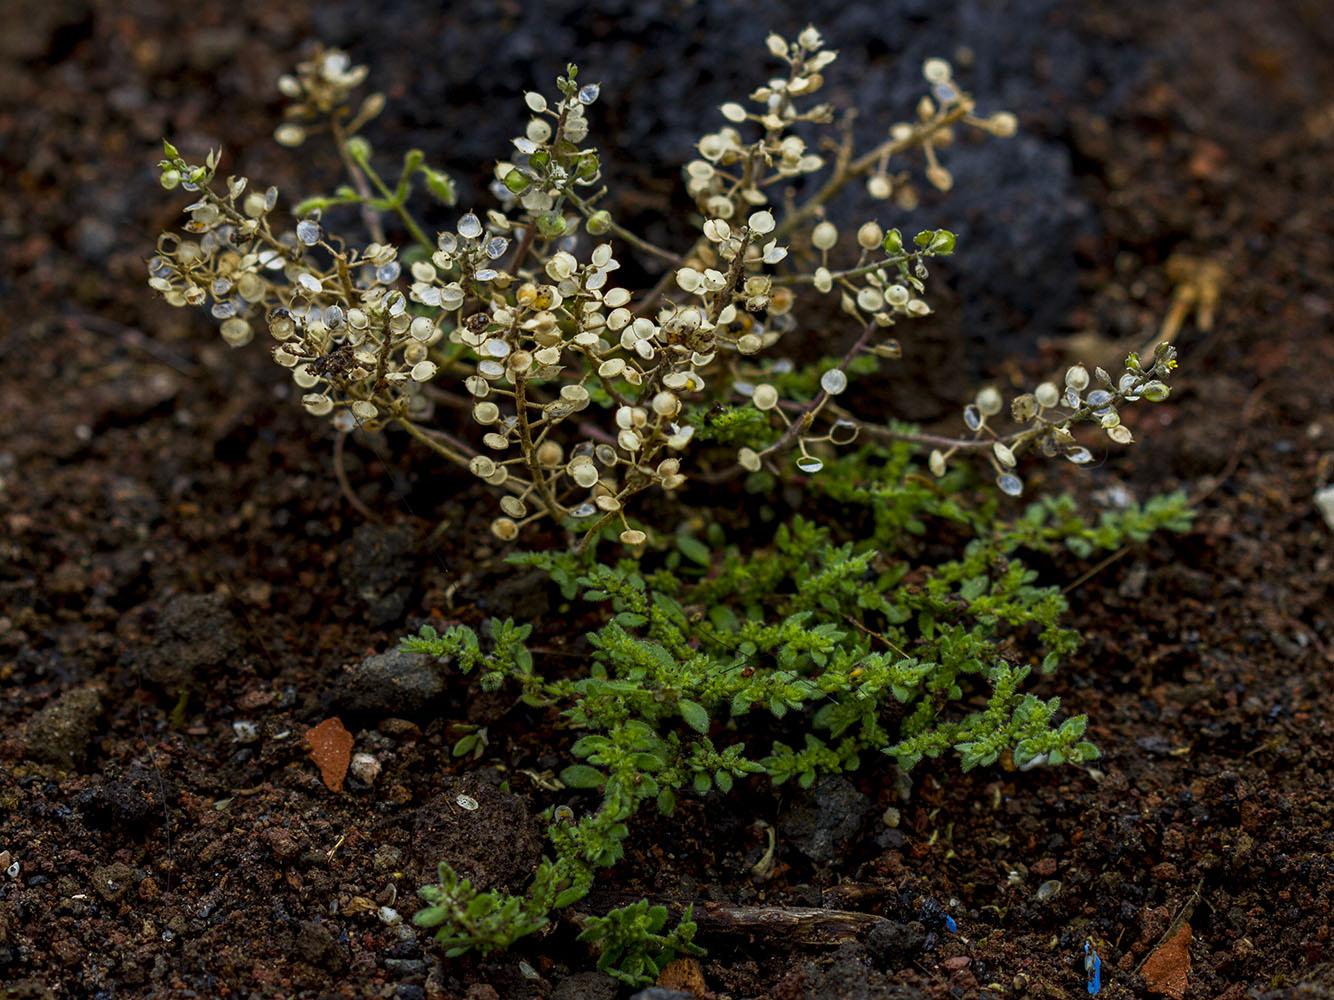 мелкие белые цветы, зеленые листья маленькие, ветки, почва